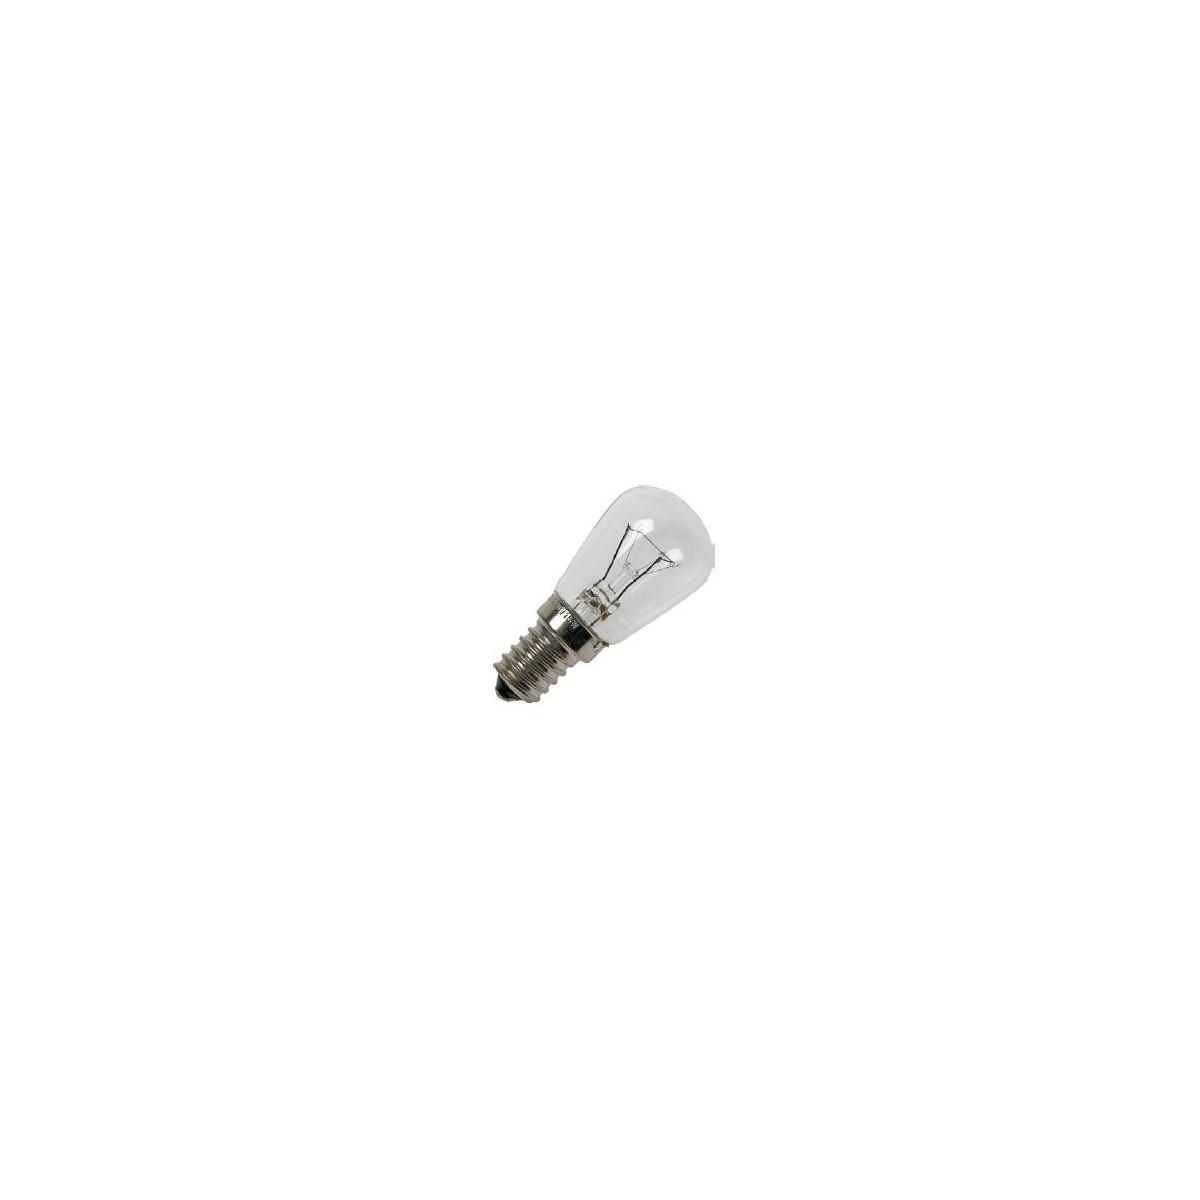 E14 závit P28x63 12/15V 5W C-6 1500h